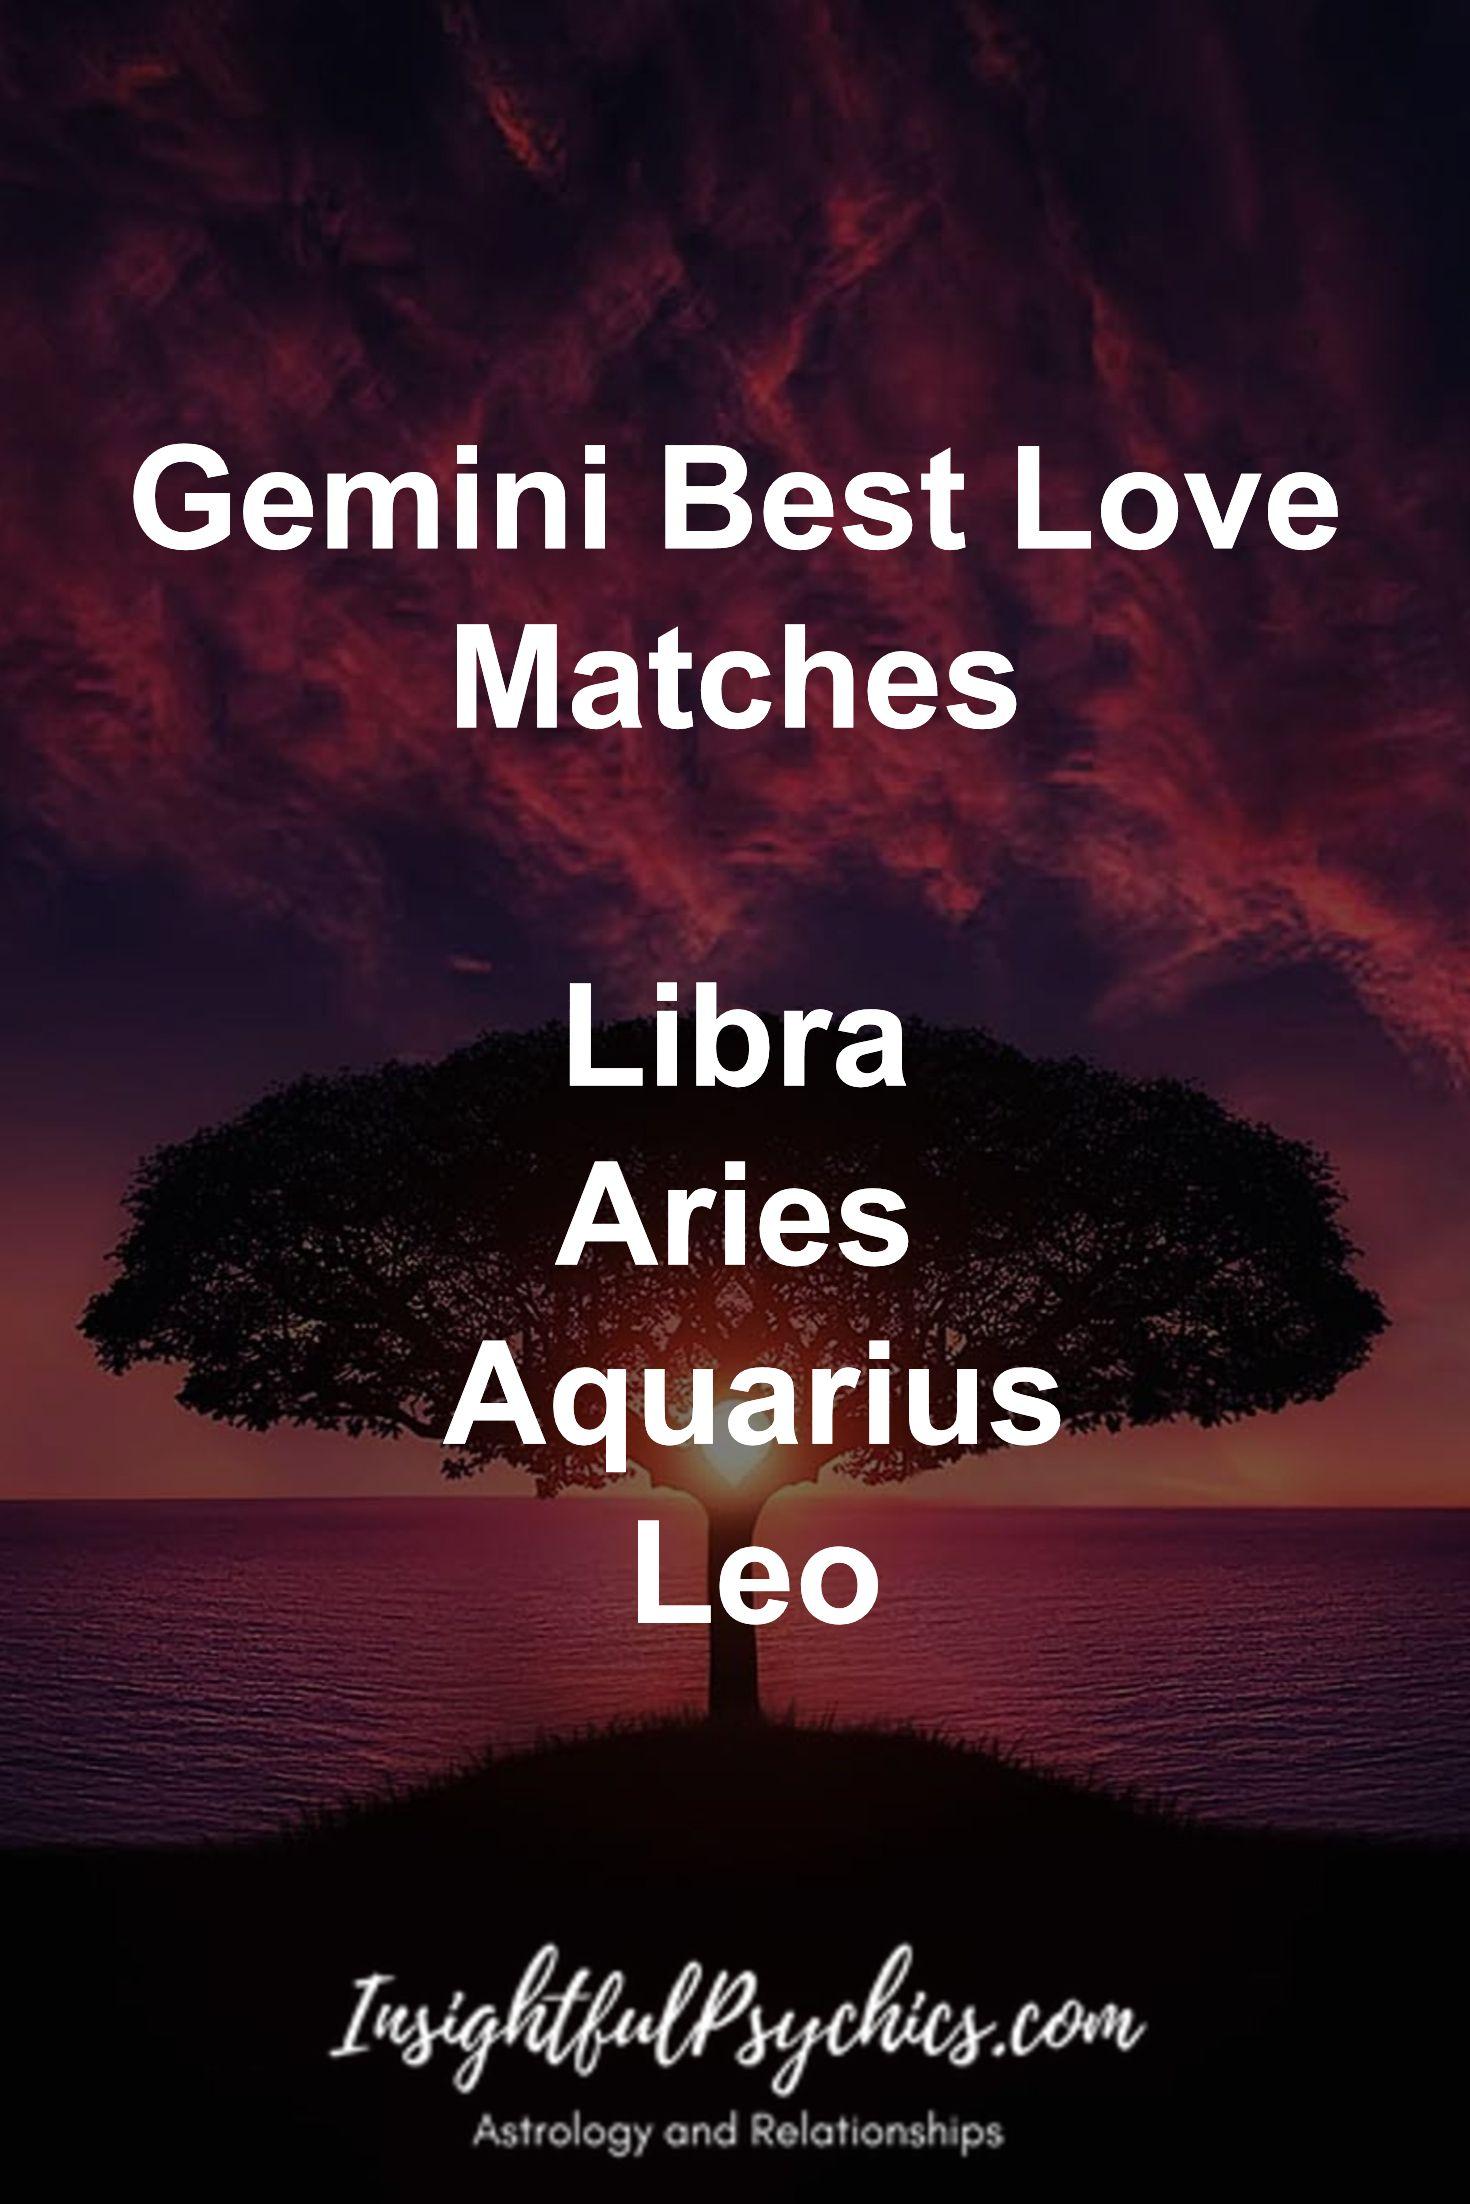 védique match faire Horoscope